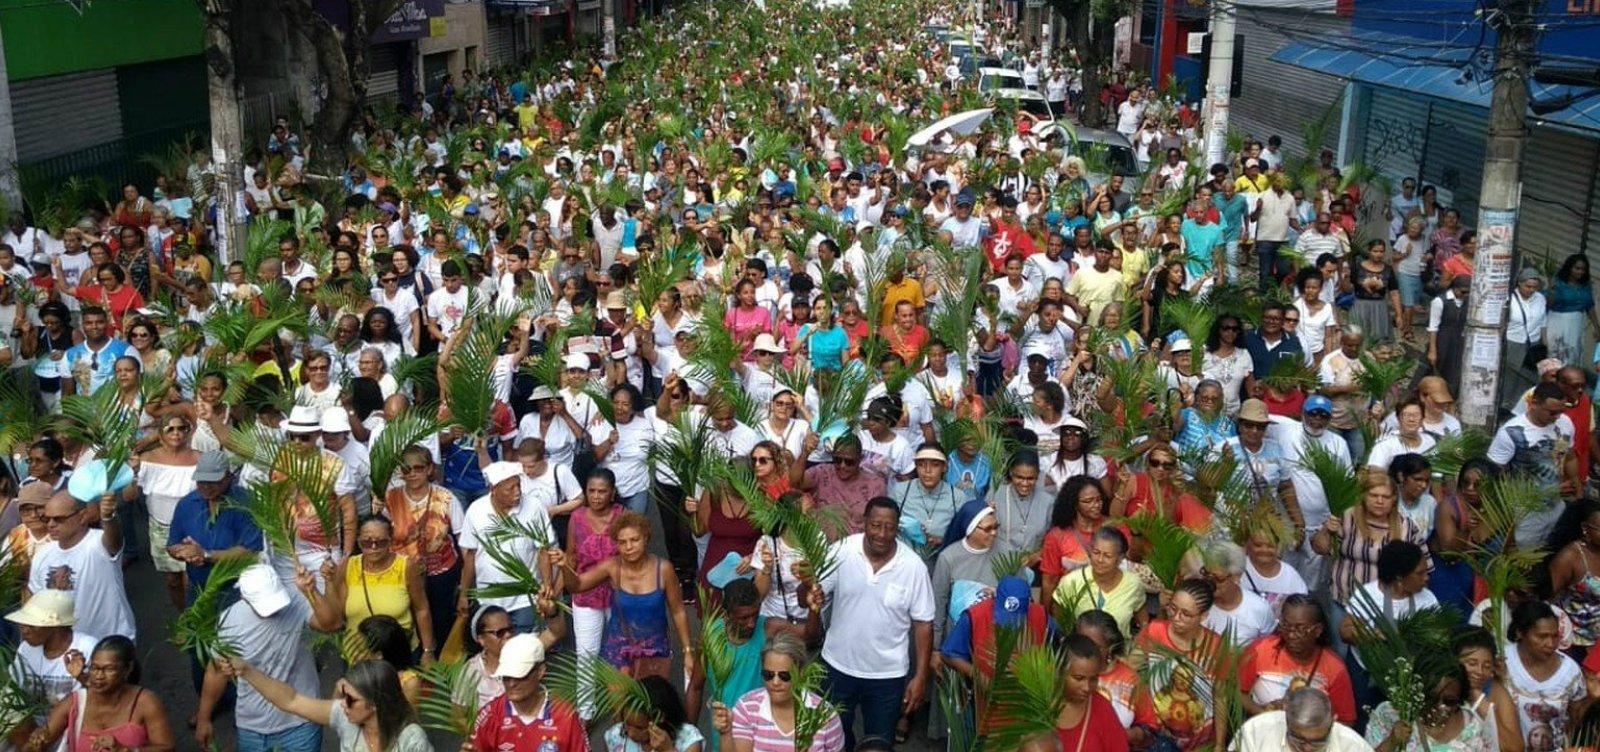 [Fiéis participam de procissão do Domingo de Ramos no Campo Grande]